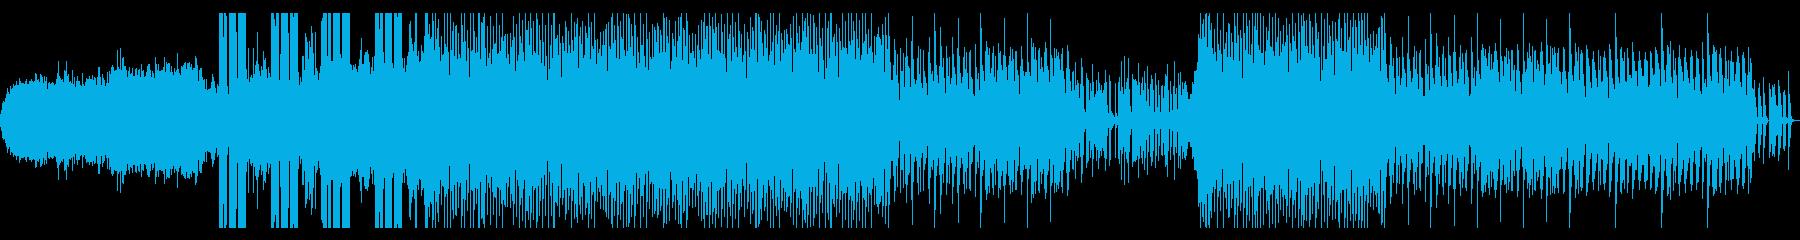 飛び交う情報の再生済みの波形